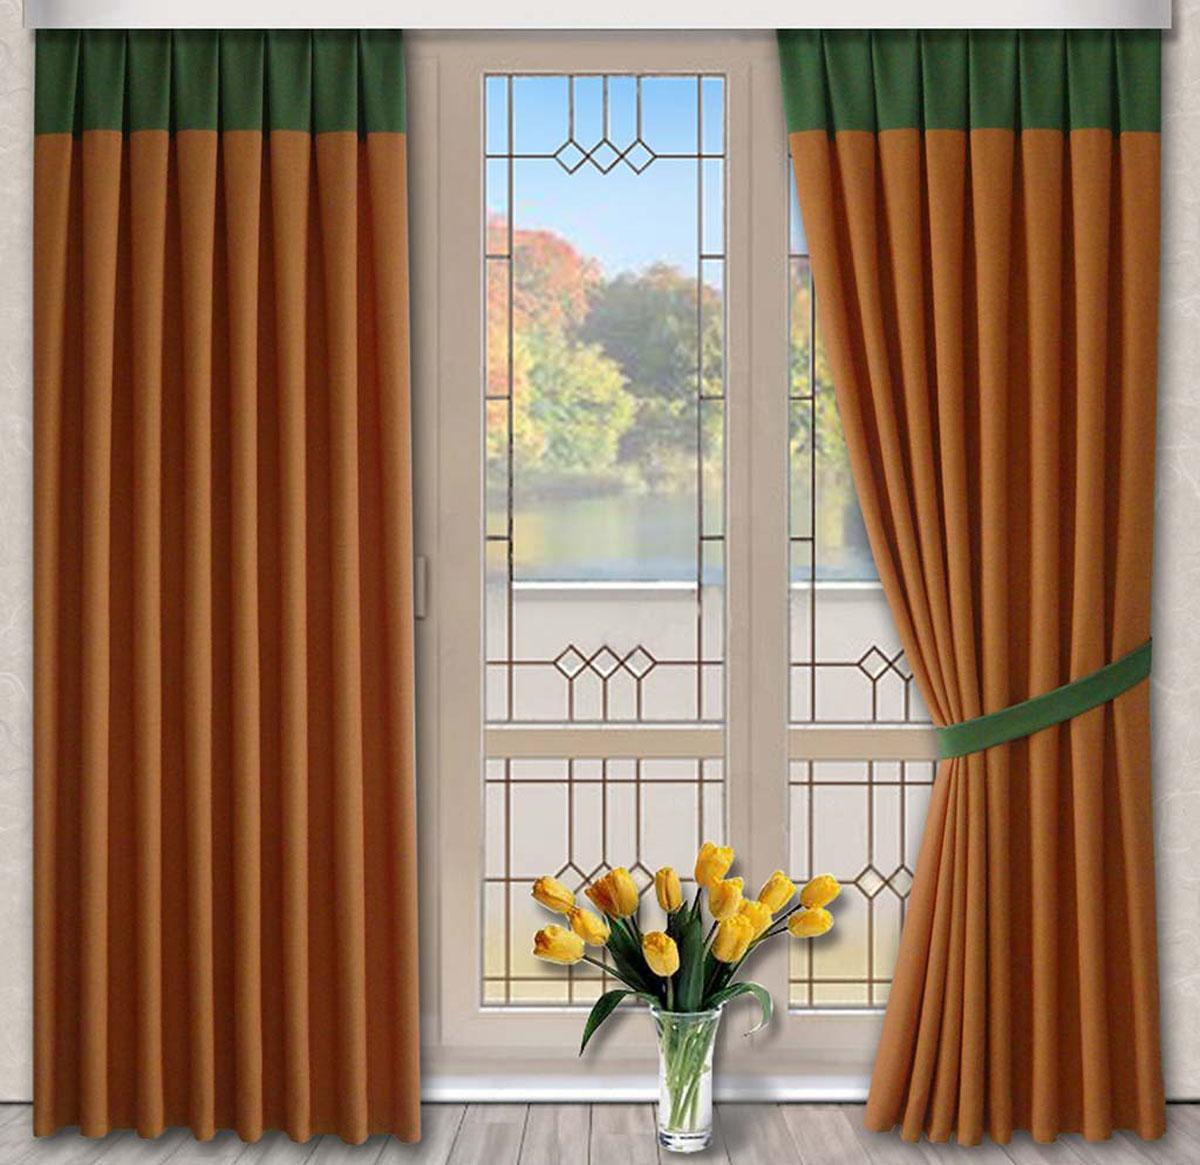 Комплект штор Кантри, на ленте, цвет: оранжевый, зеленый, высота 270 см98299571Портьеры из плотной ткани под лён. Стирка не более 30 градусов.